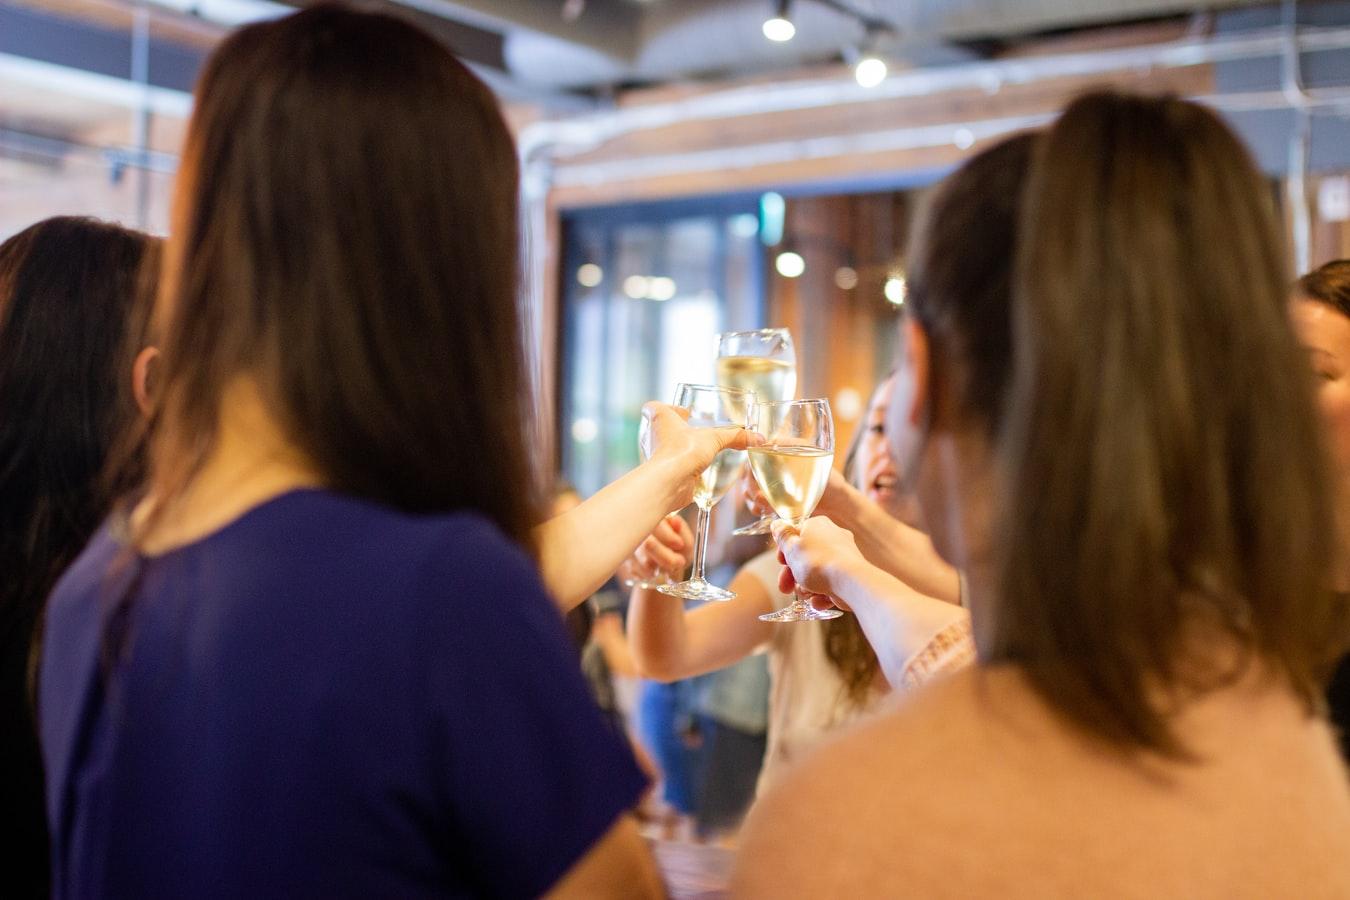 シャンパンを掲げる女性たち